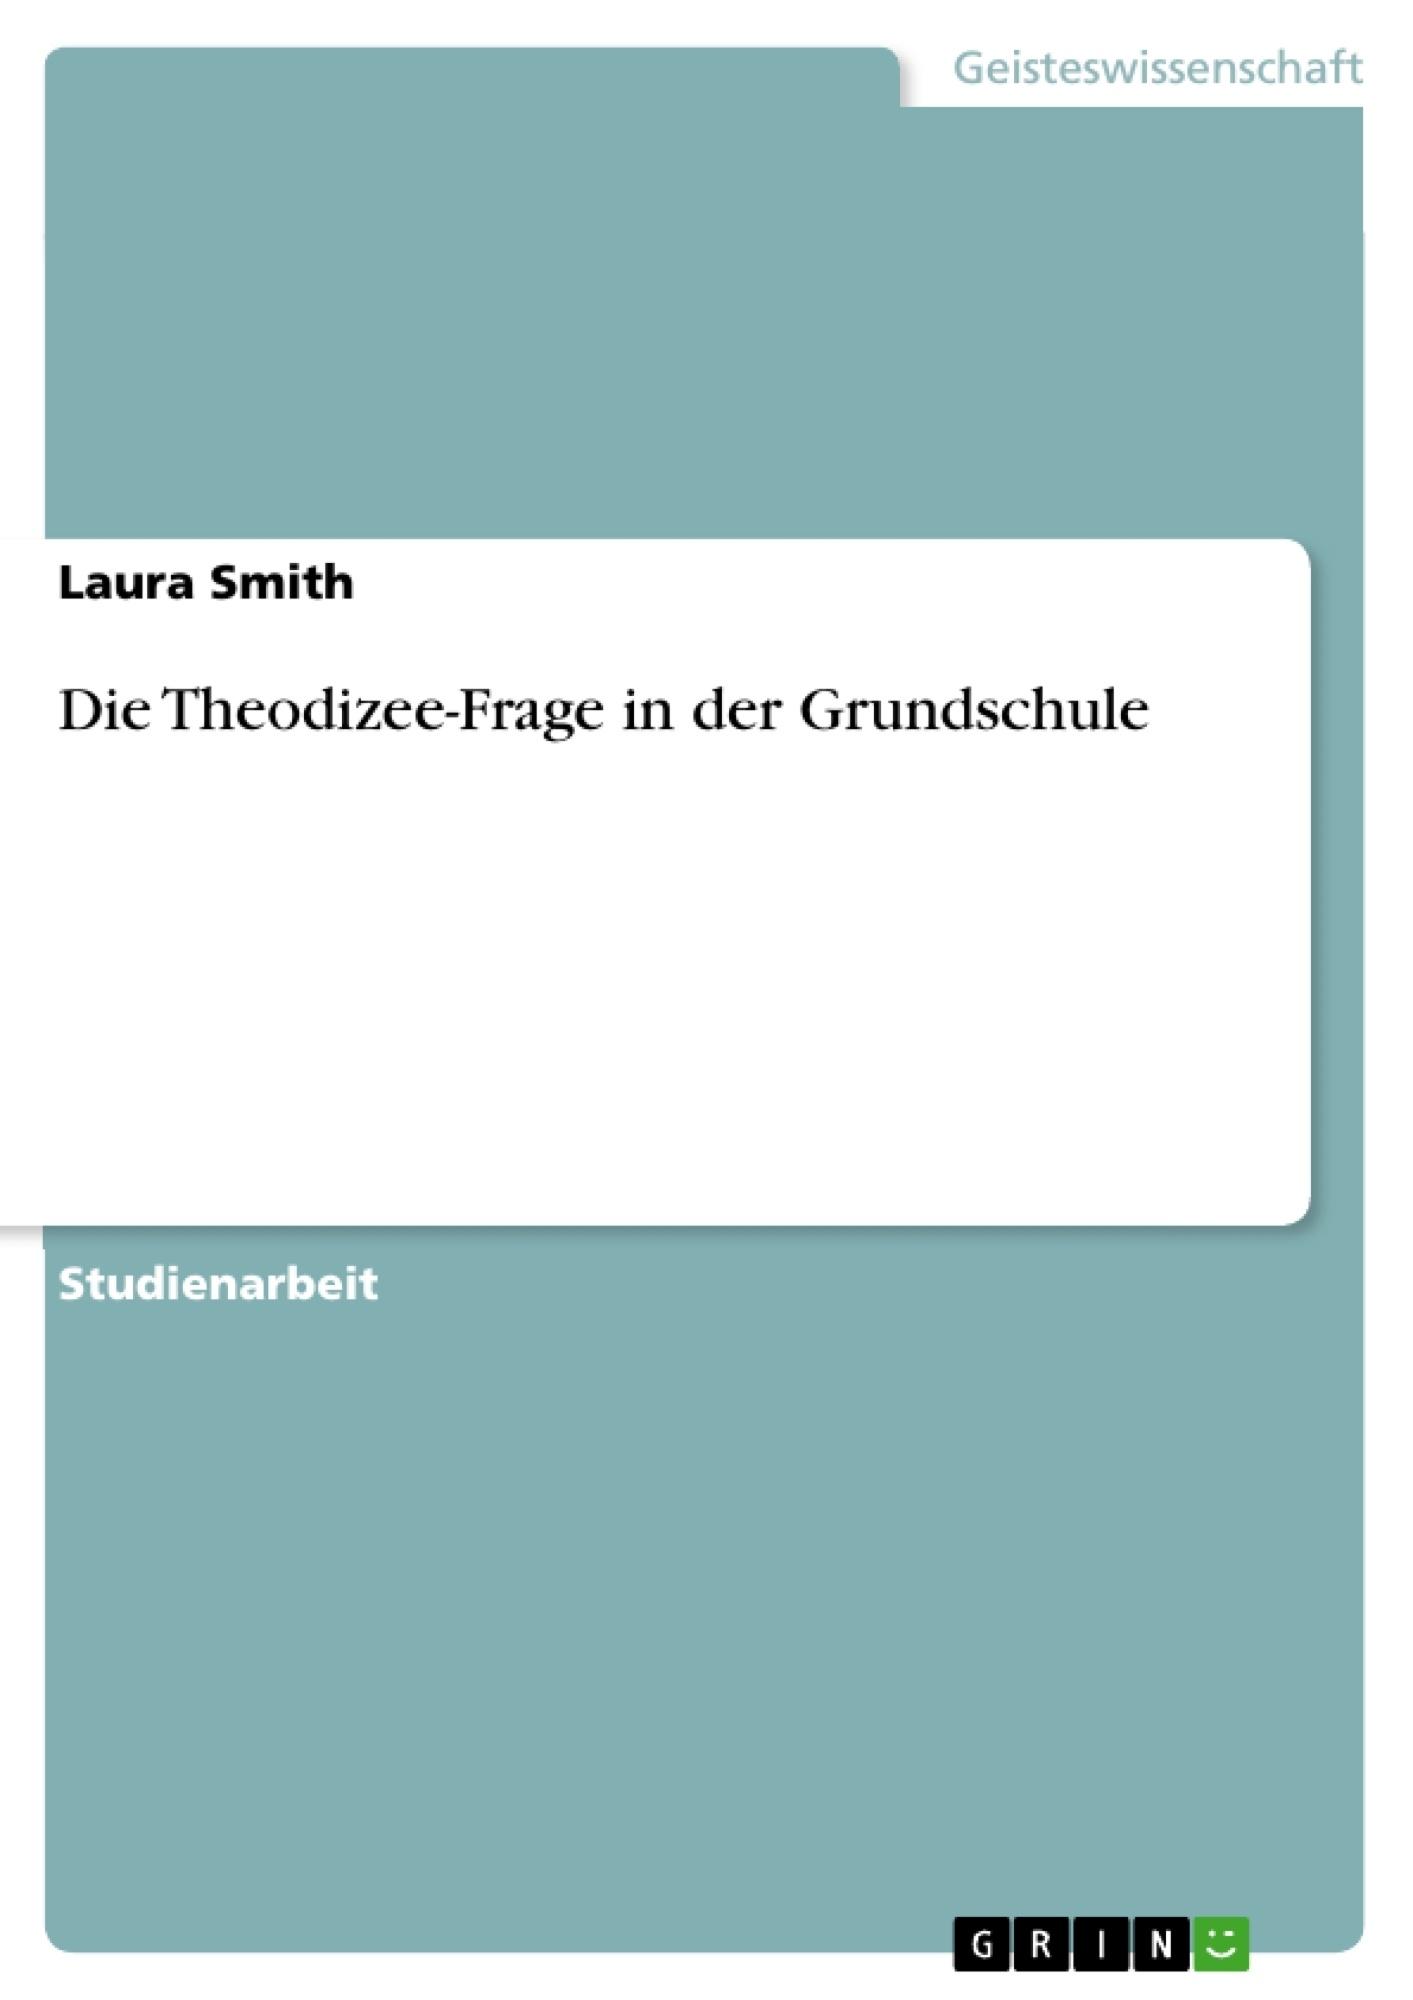 Titel: Die Theodizee-Frage in der Grundschule